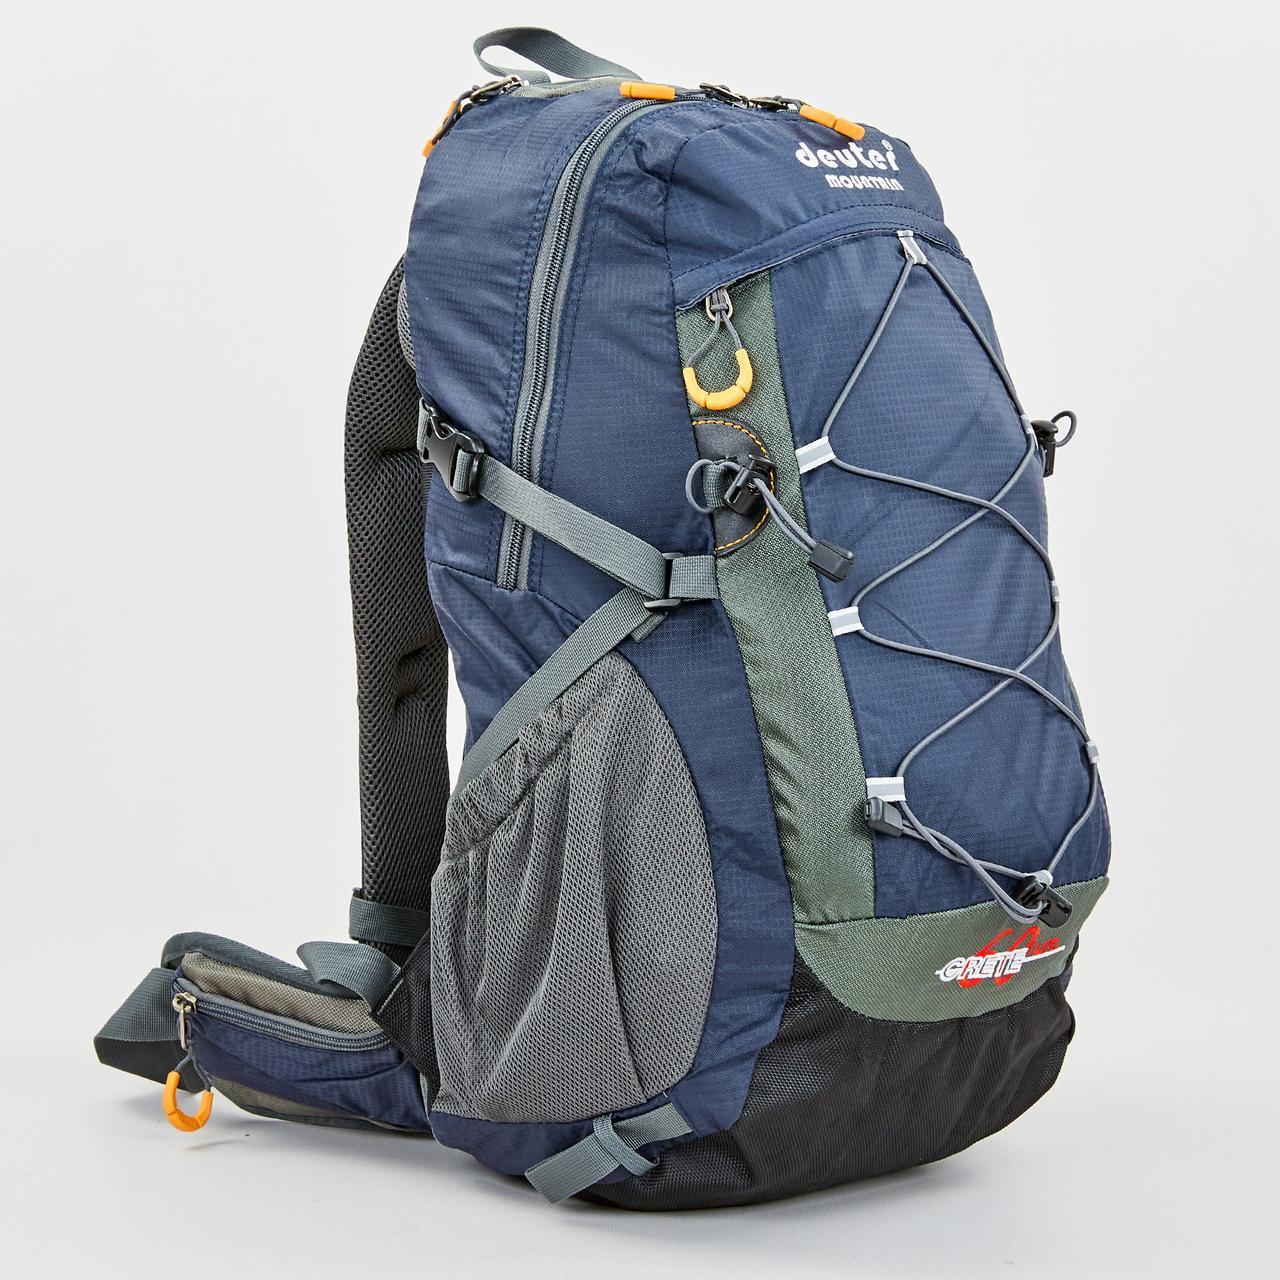 Рюкзак спортивный с каркасной спинкой planeta-sport DTR V-60л 8810-6 49х29х24см Темно-синий